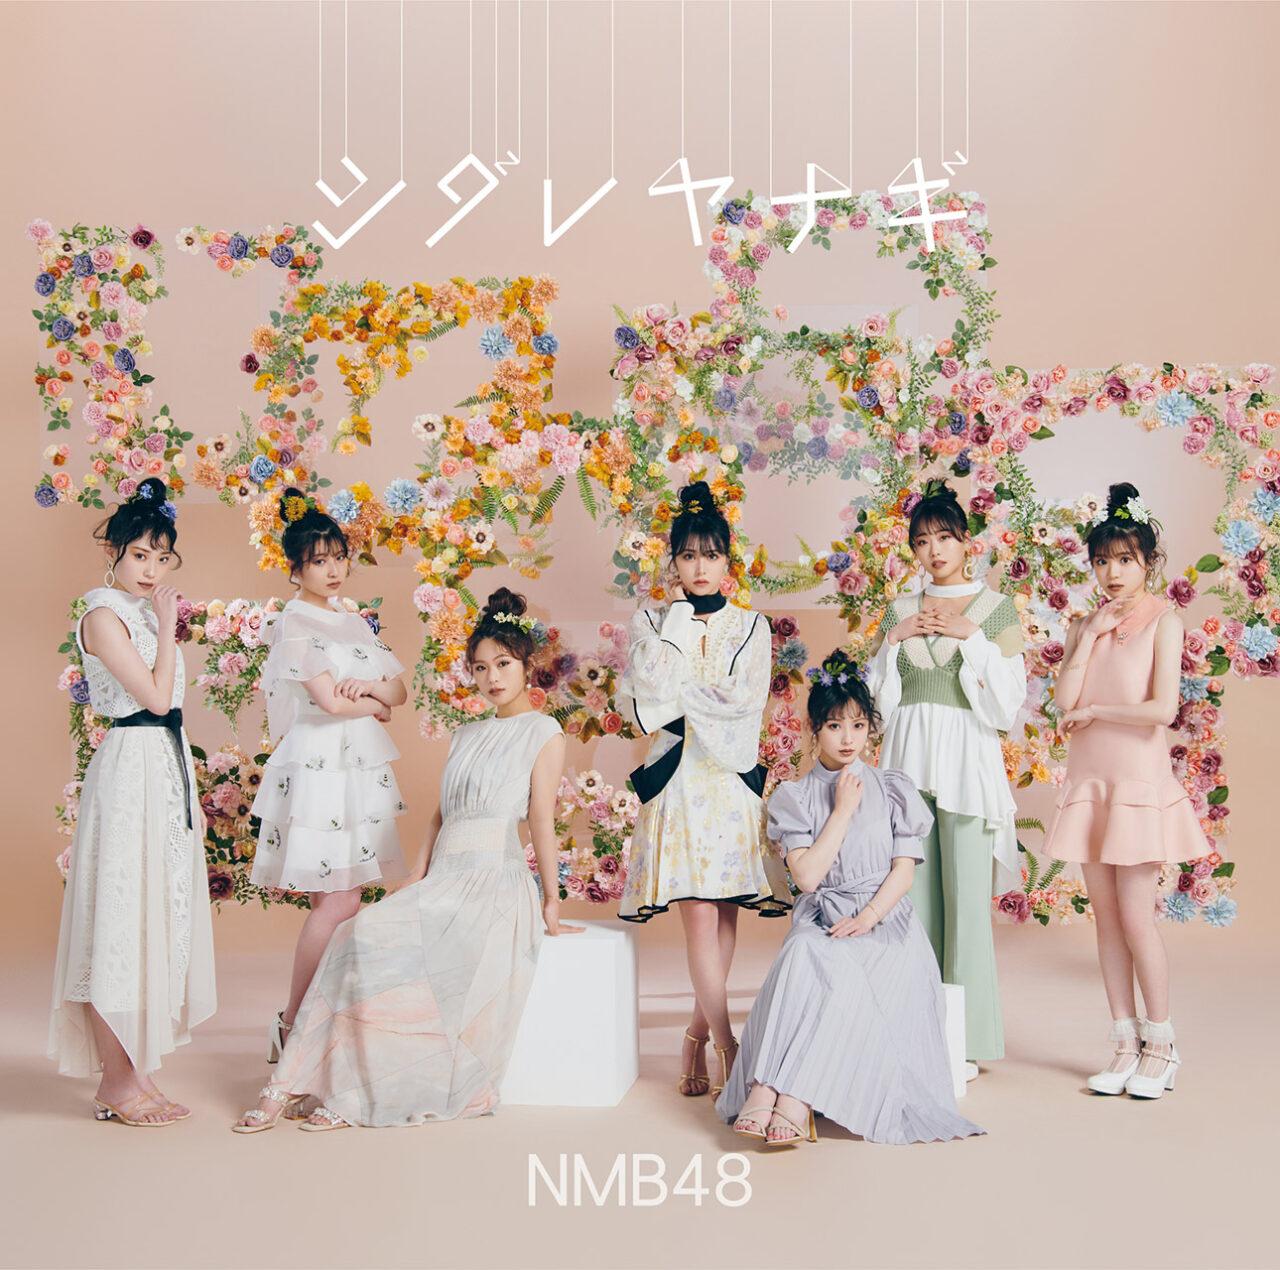 NMB48 25thシングル「シダレヤナギ」